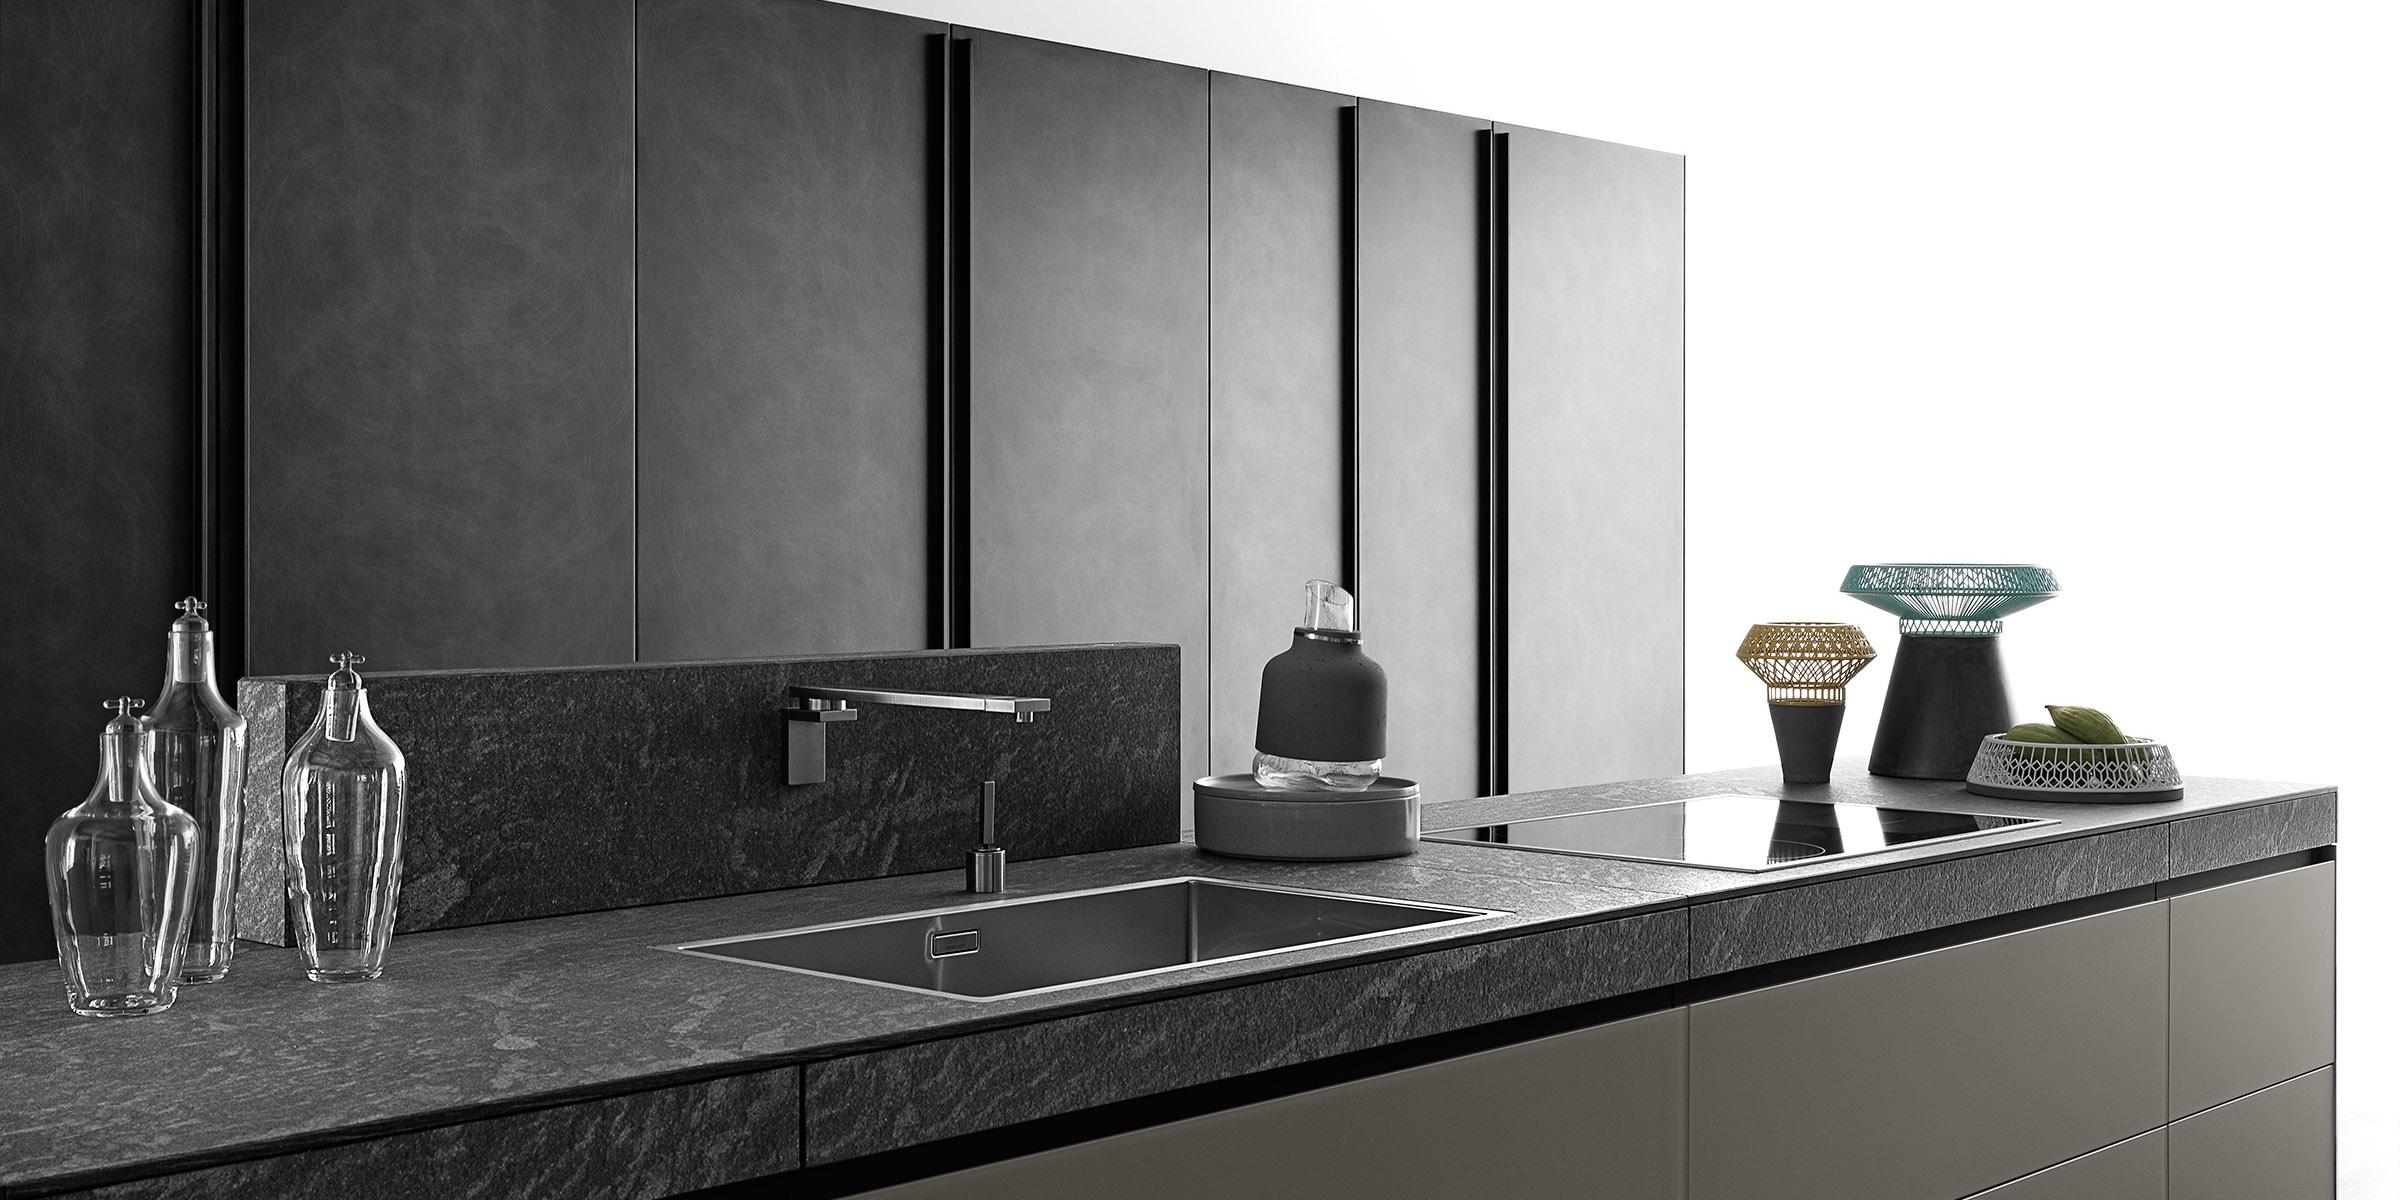 Valcucine cucine moderne e componibili di design for Cucine lusso moderne